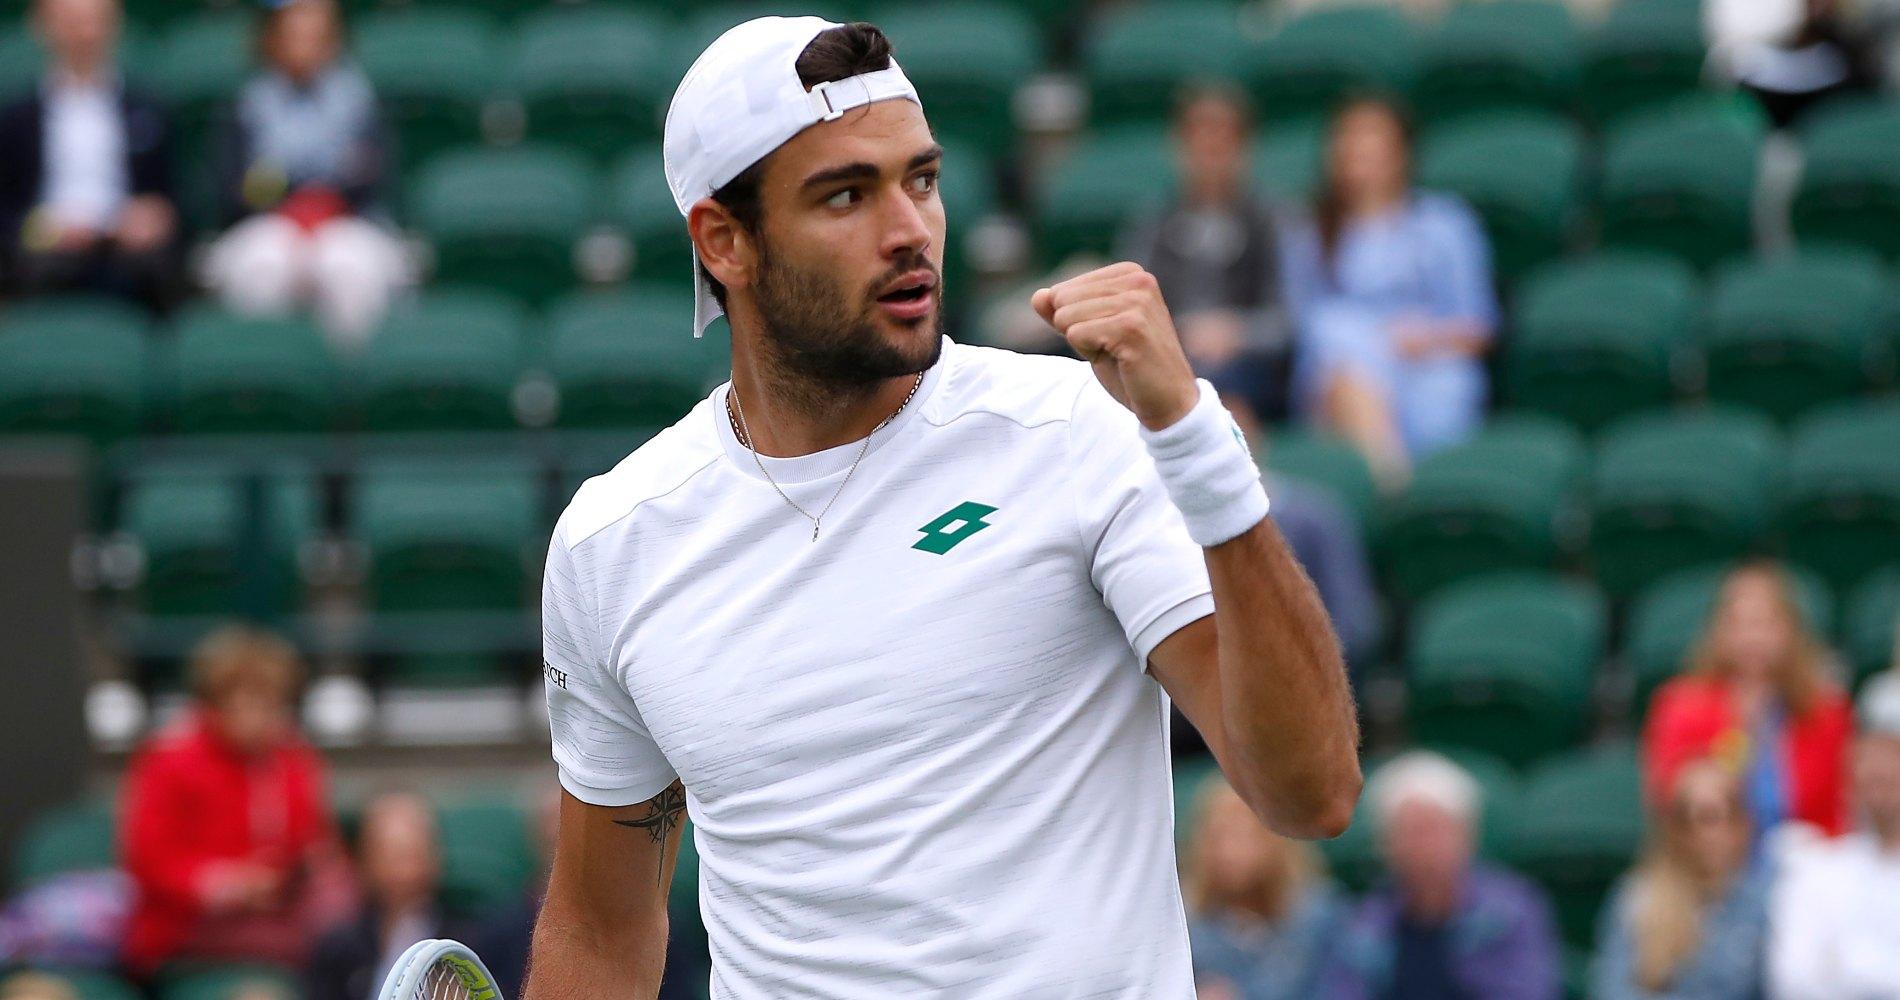 Wimbledon Championships 2021: Matteo Berrettini vs. Ilya Ivashka Tennis Pick and Prediction